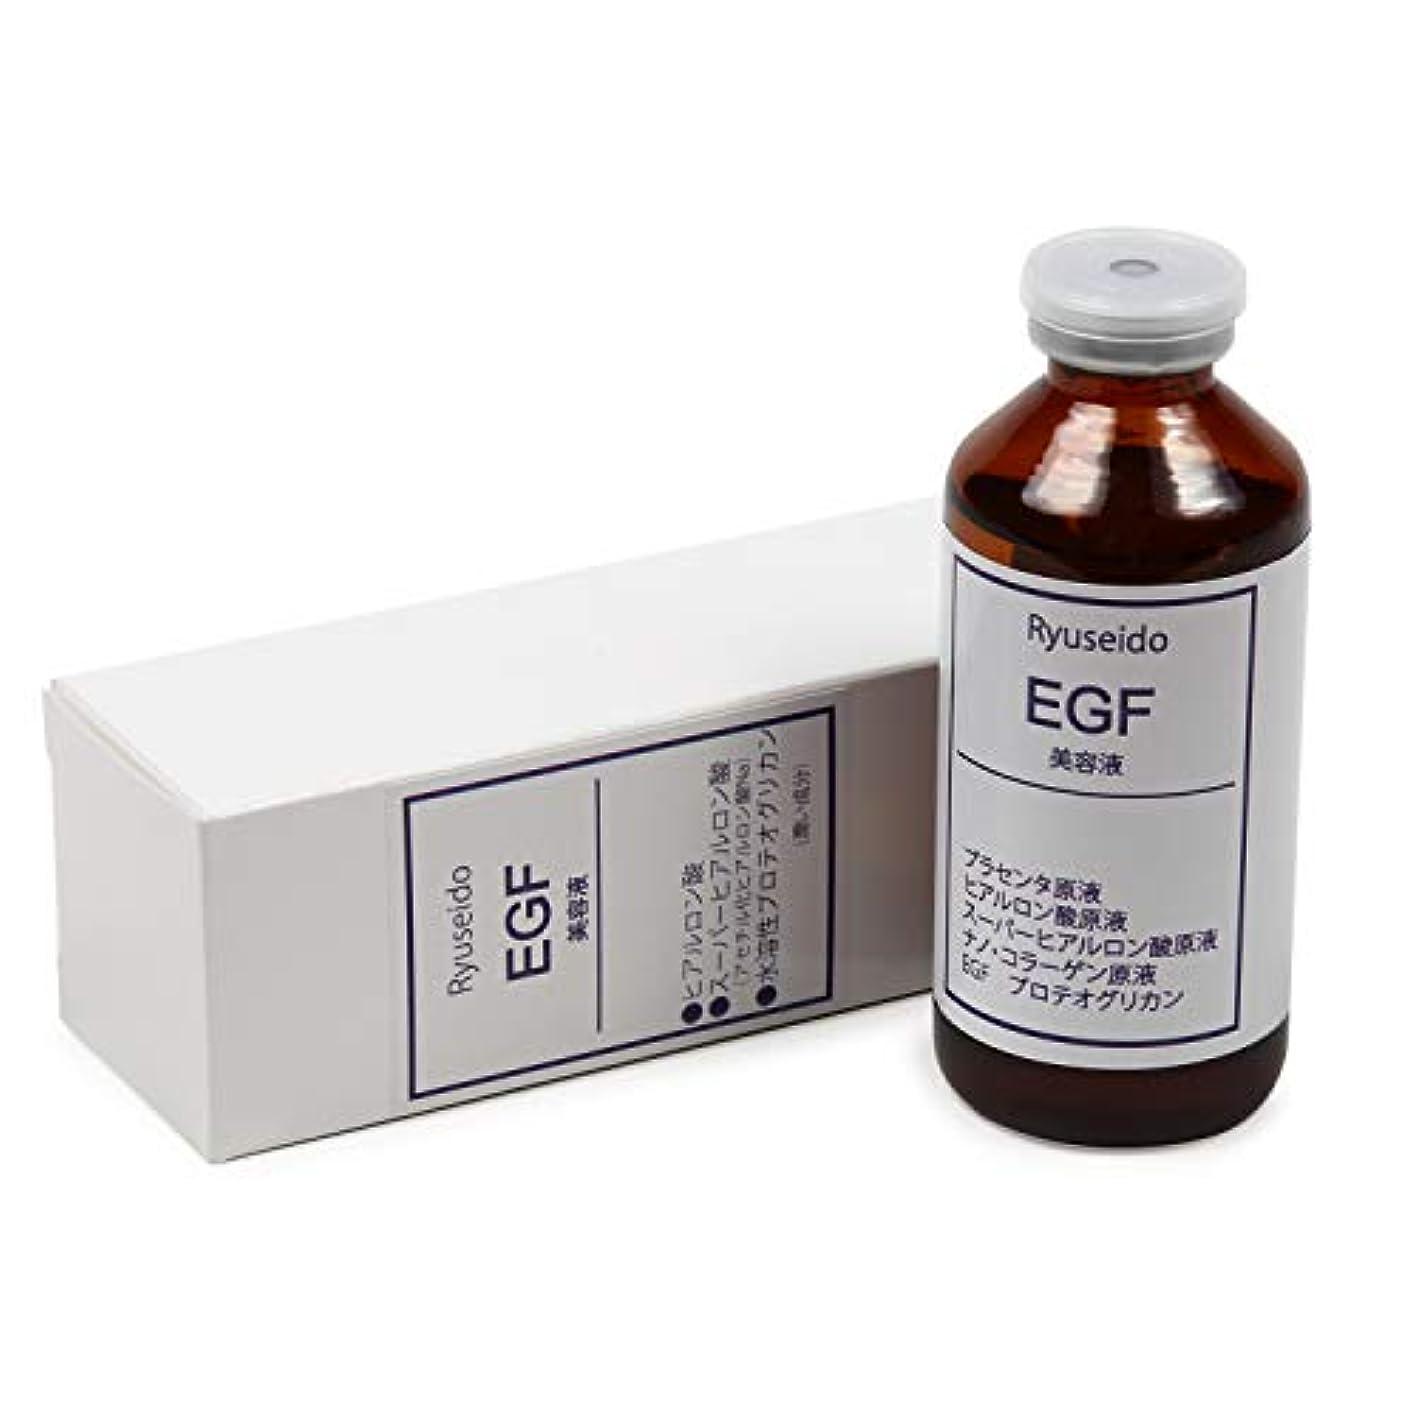 外部資格情報注文10倍濃度EGFをプラセンタ?ナノコラーゲン?ヒアルロン酸原液に配合。毛穴レスできめ細かなクリアな肌に??生コラーゲン配合でキメ密度がさらにアップ。